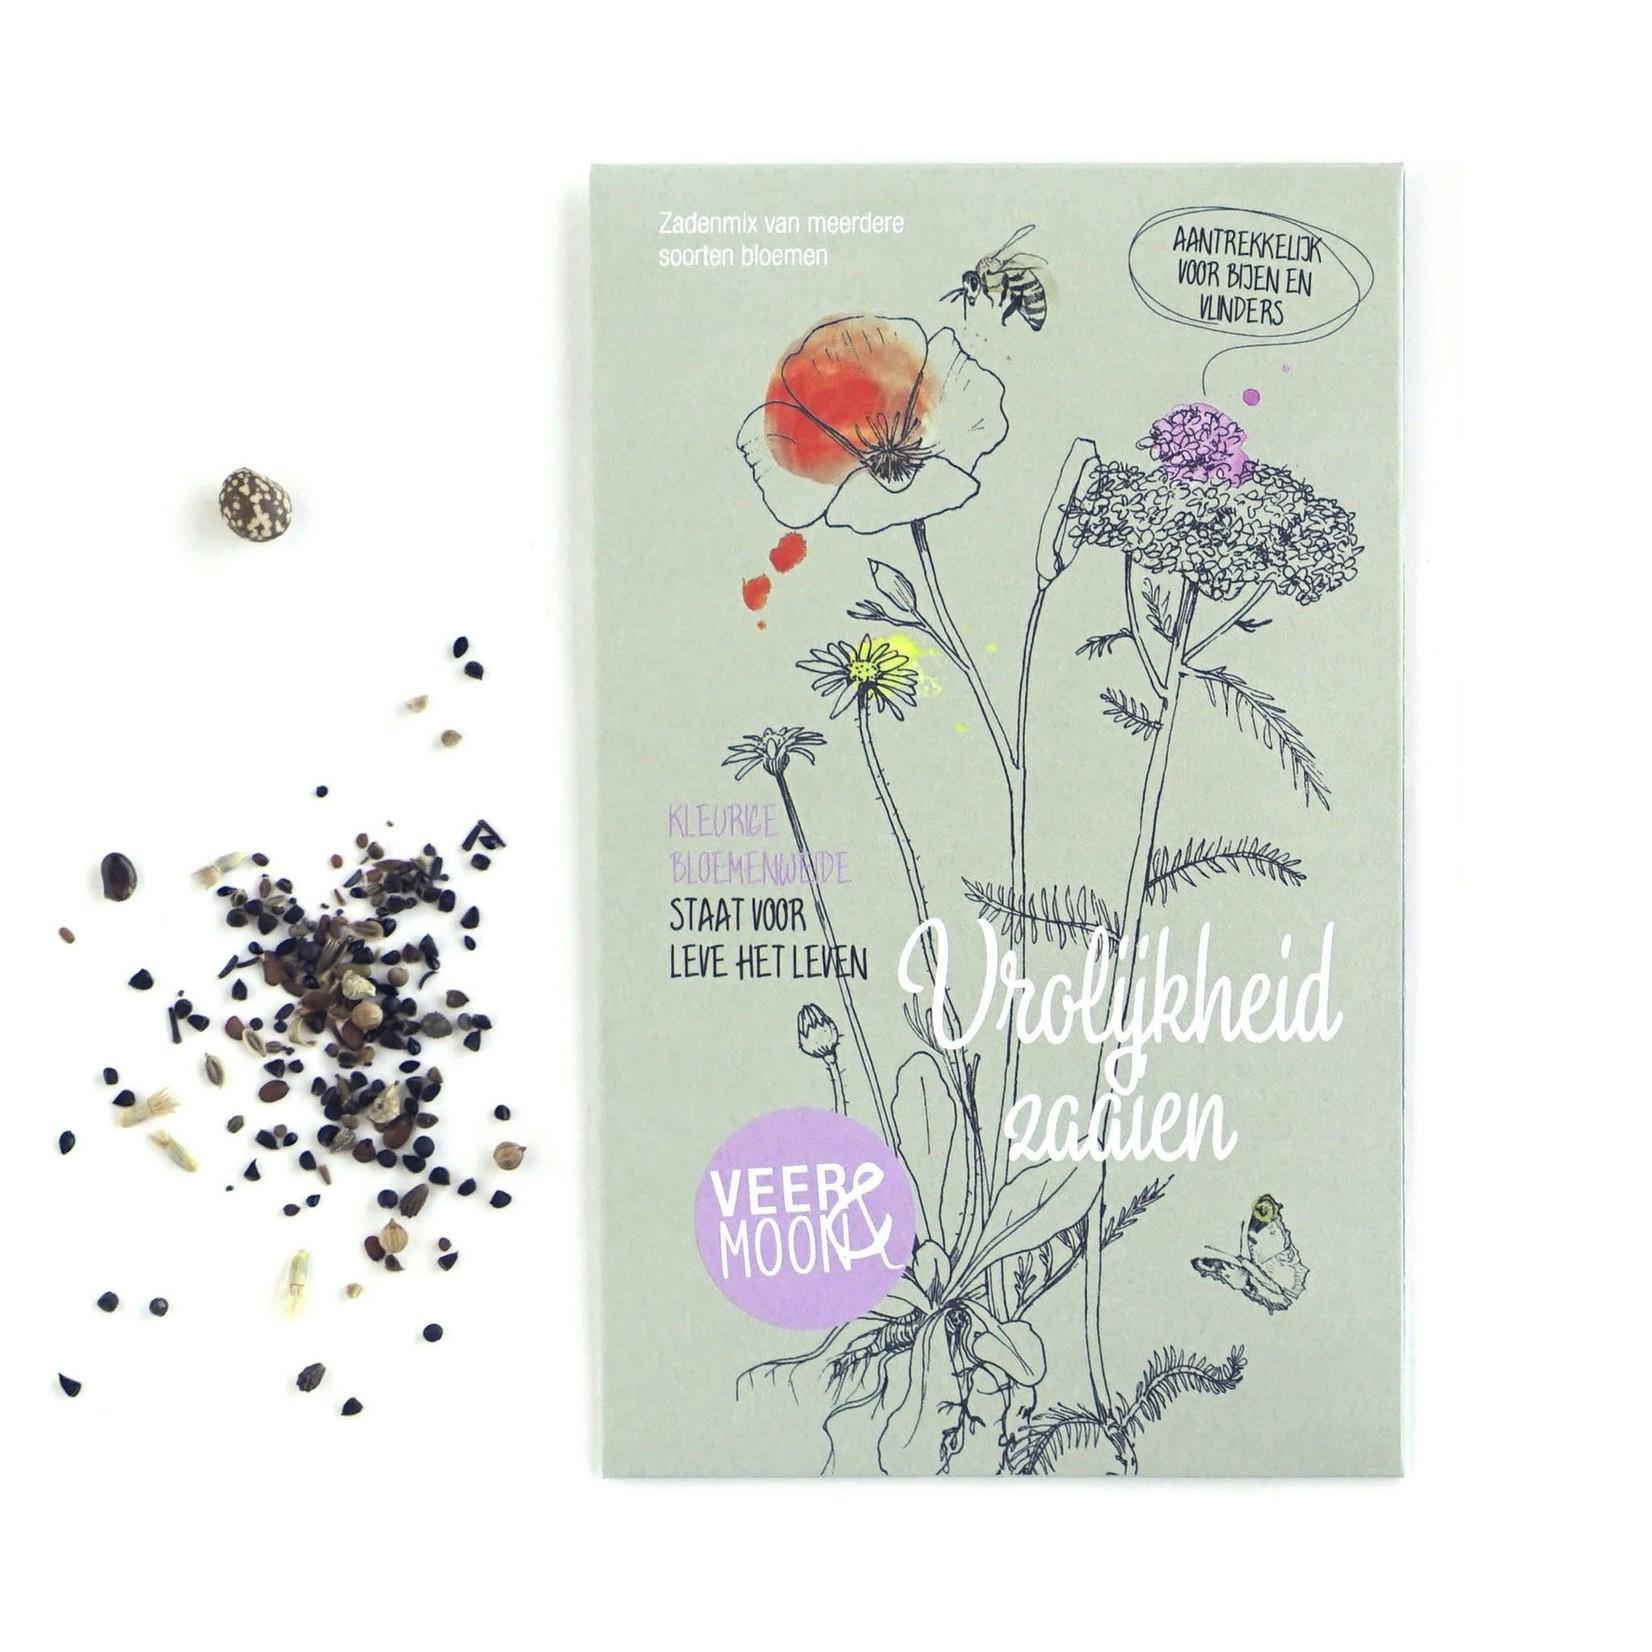 Veer&Moon Bloemenzaden 'Vrolijkheid zaaien'